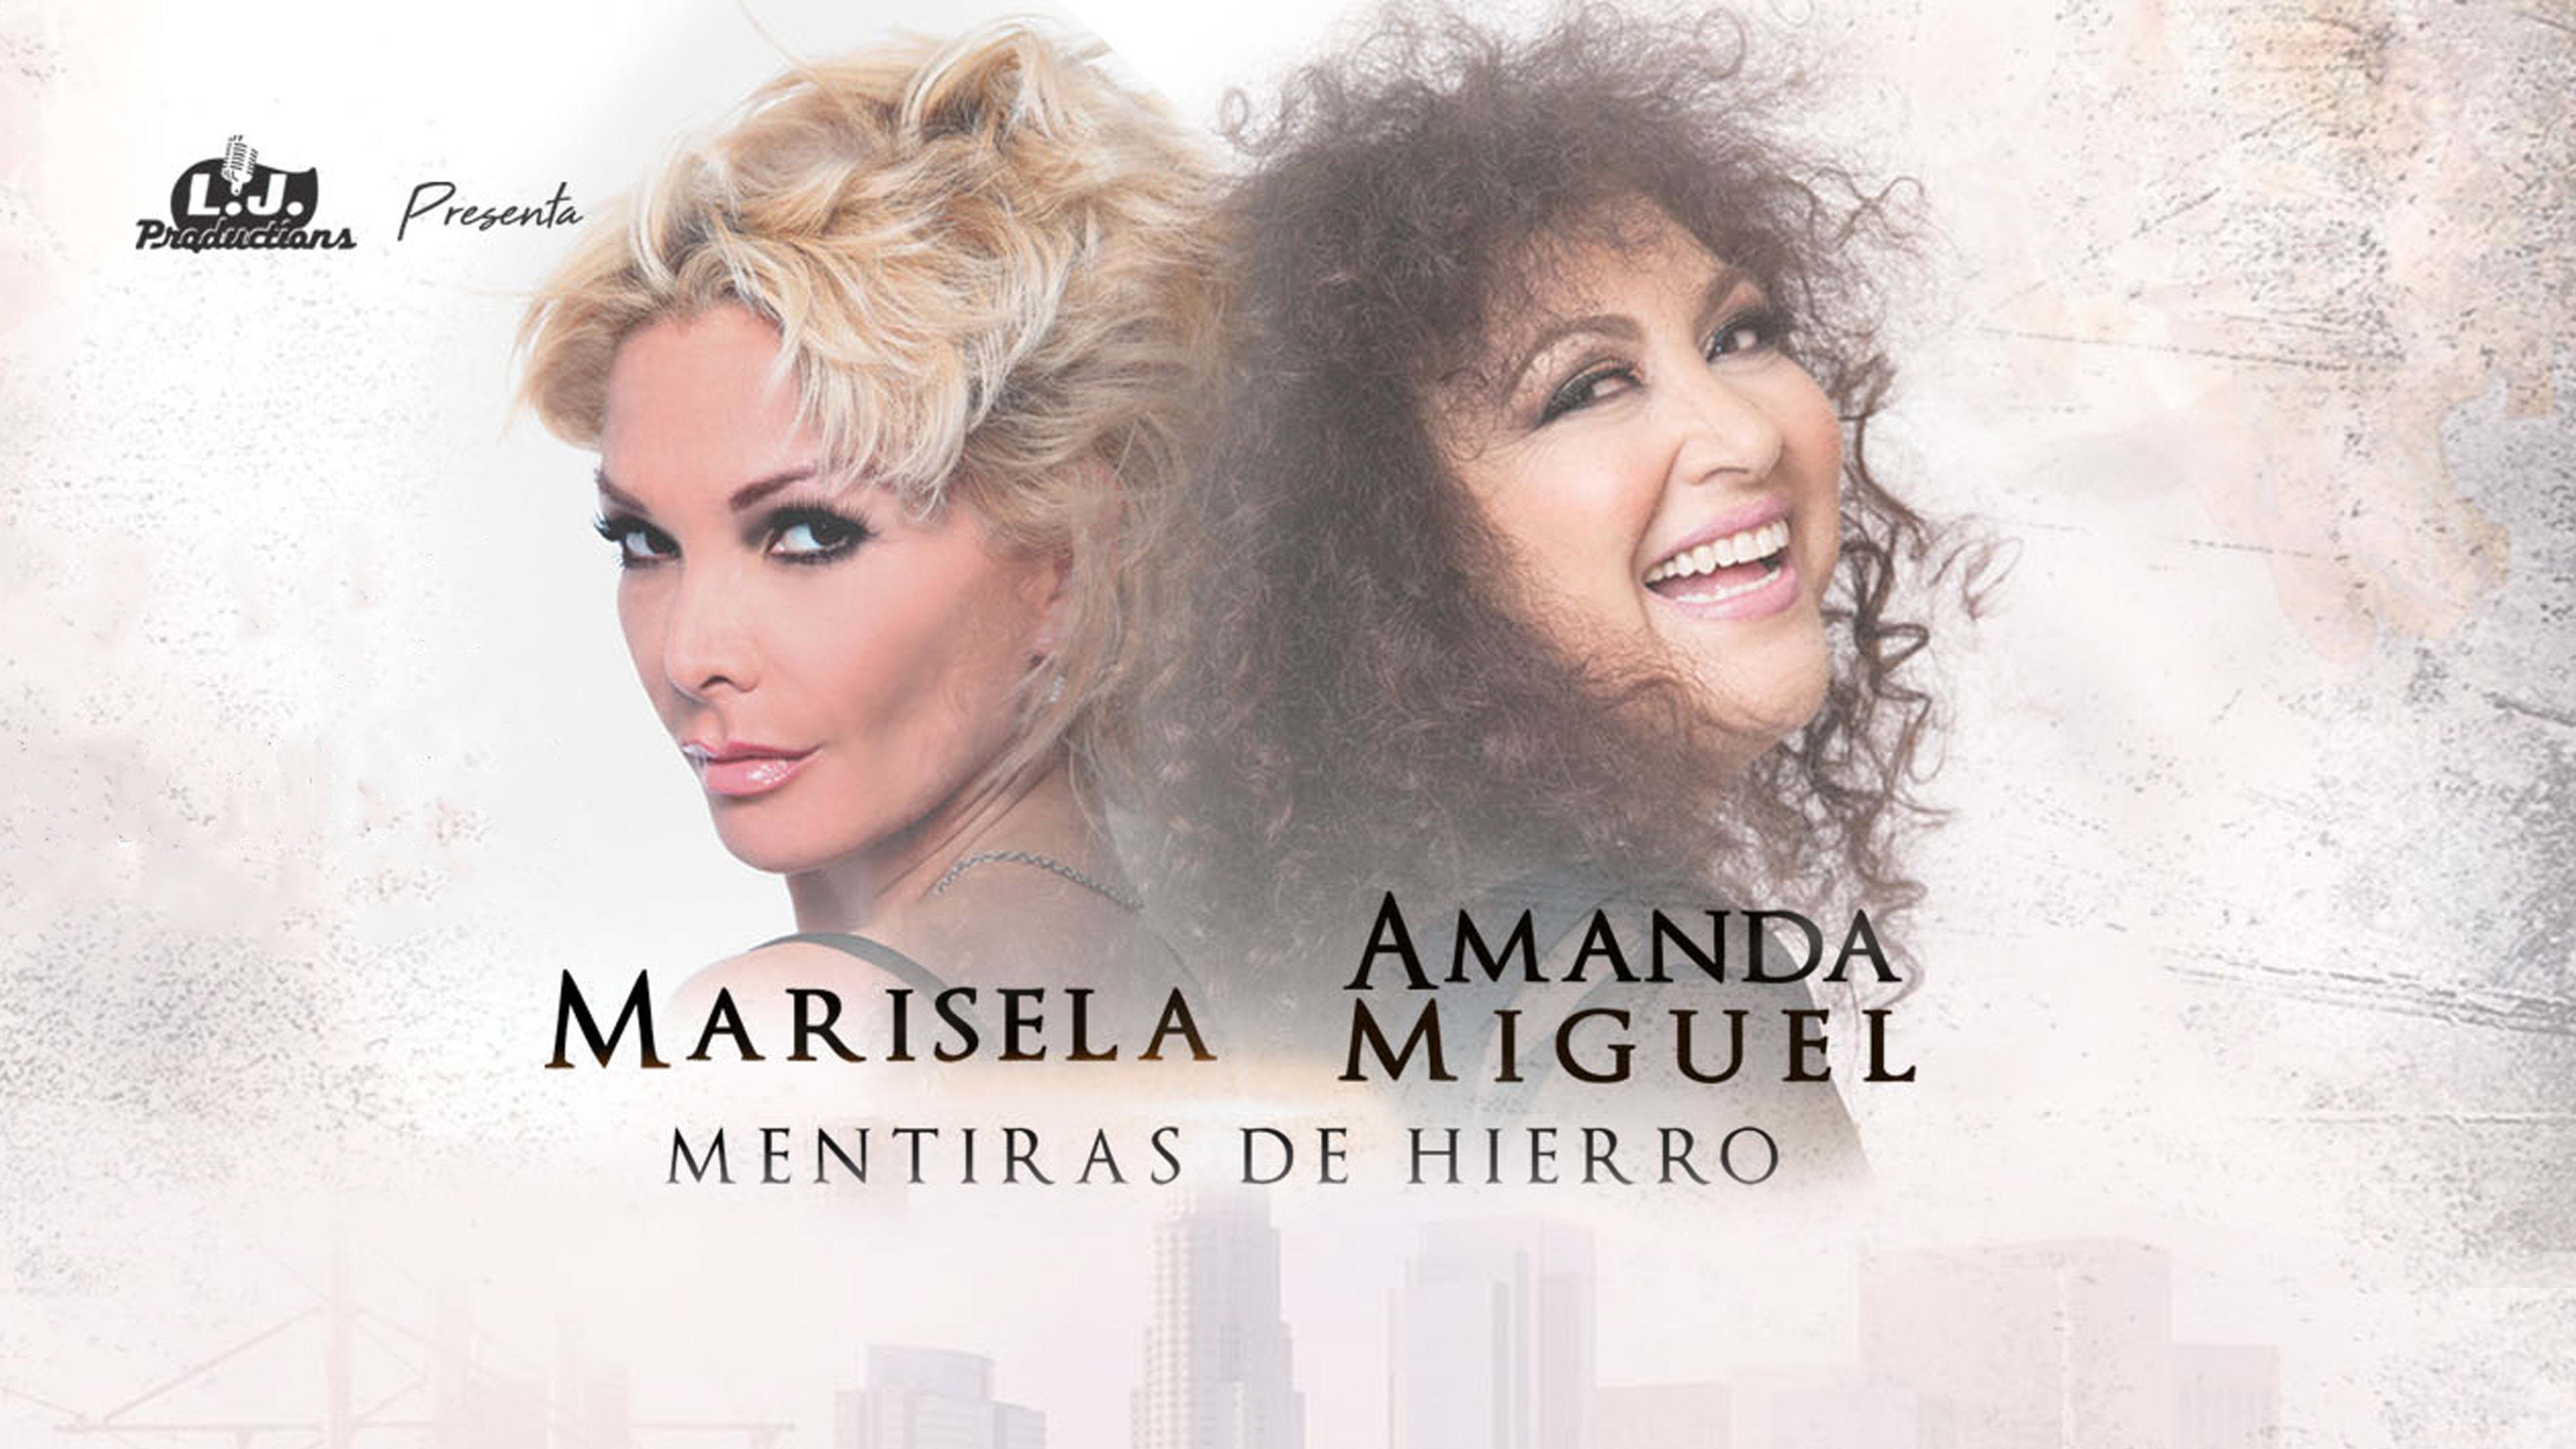 Marisela y Amanda Miguel (Rescheduled)